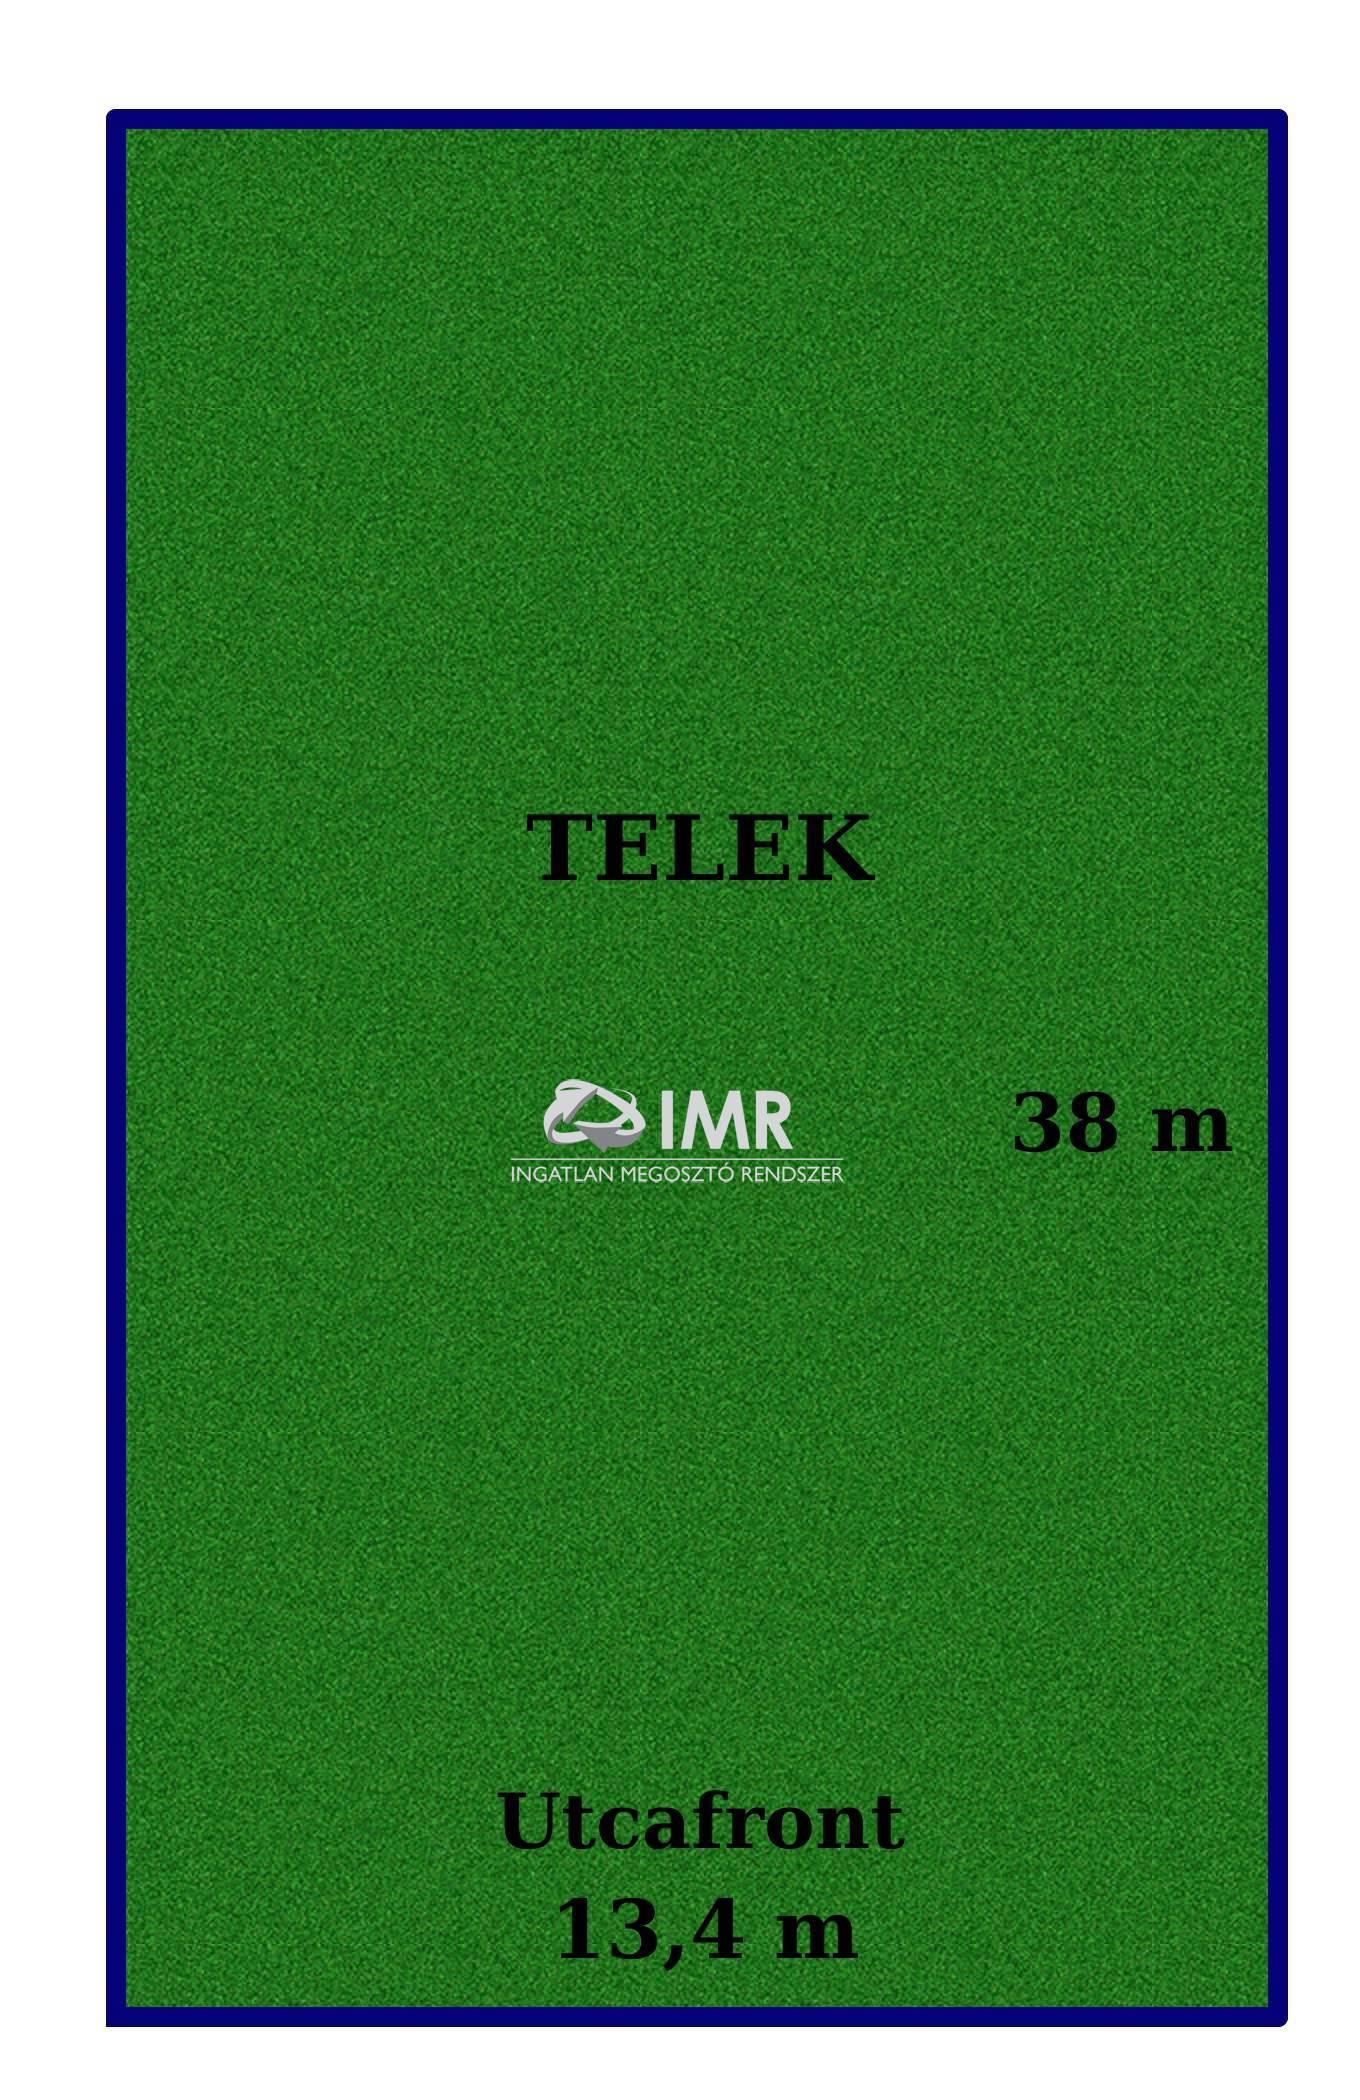 telek - Budapest, XVIII. kerület